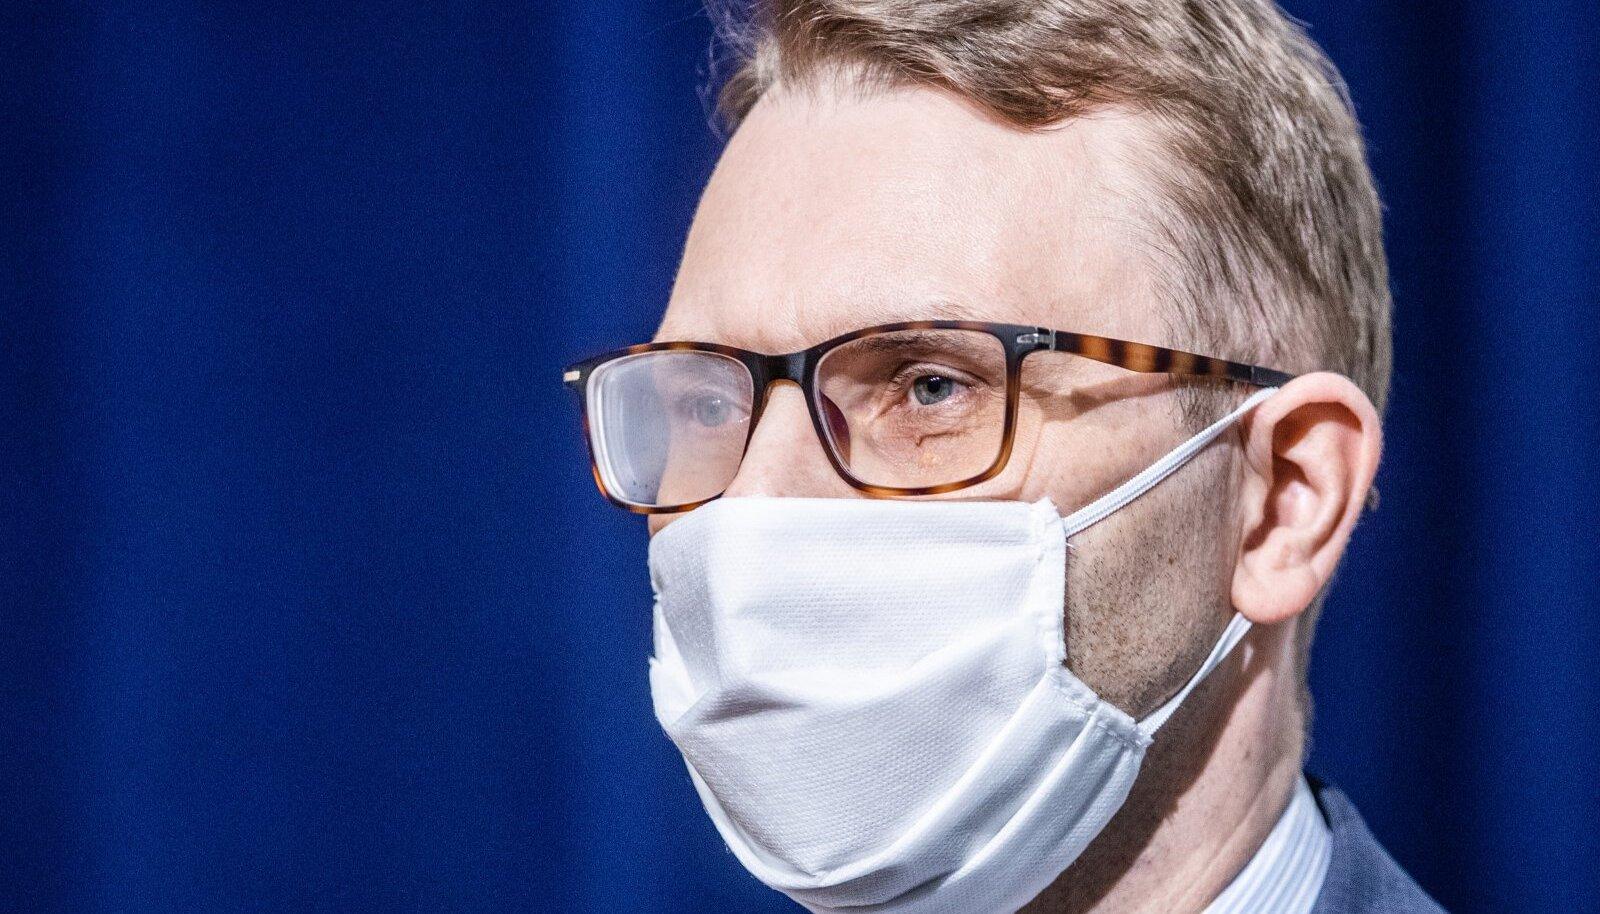 Pilt illustreerib prillikandja maski kandmist siseruumis.